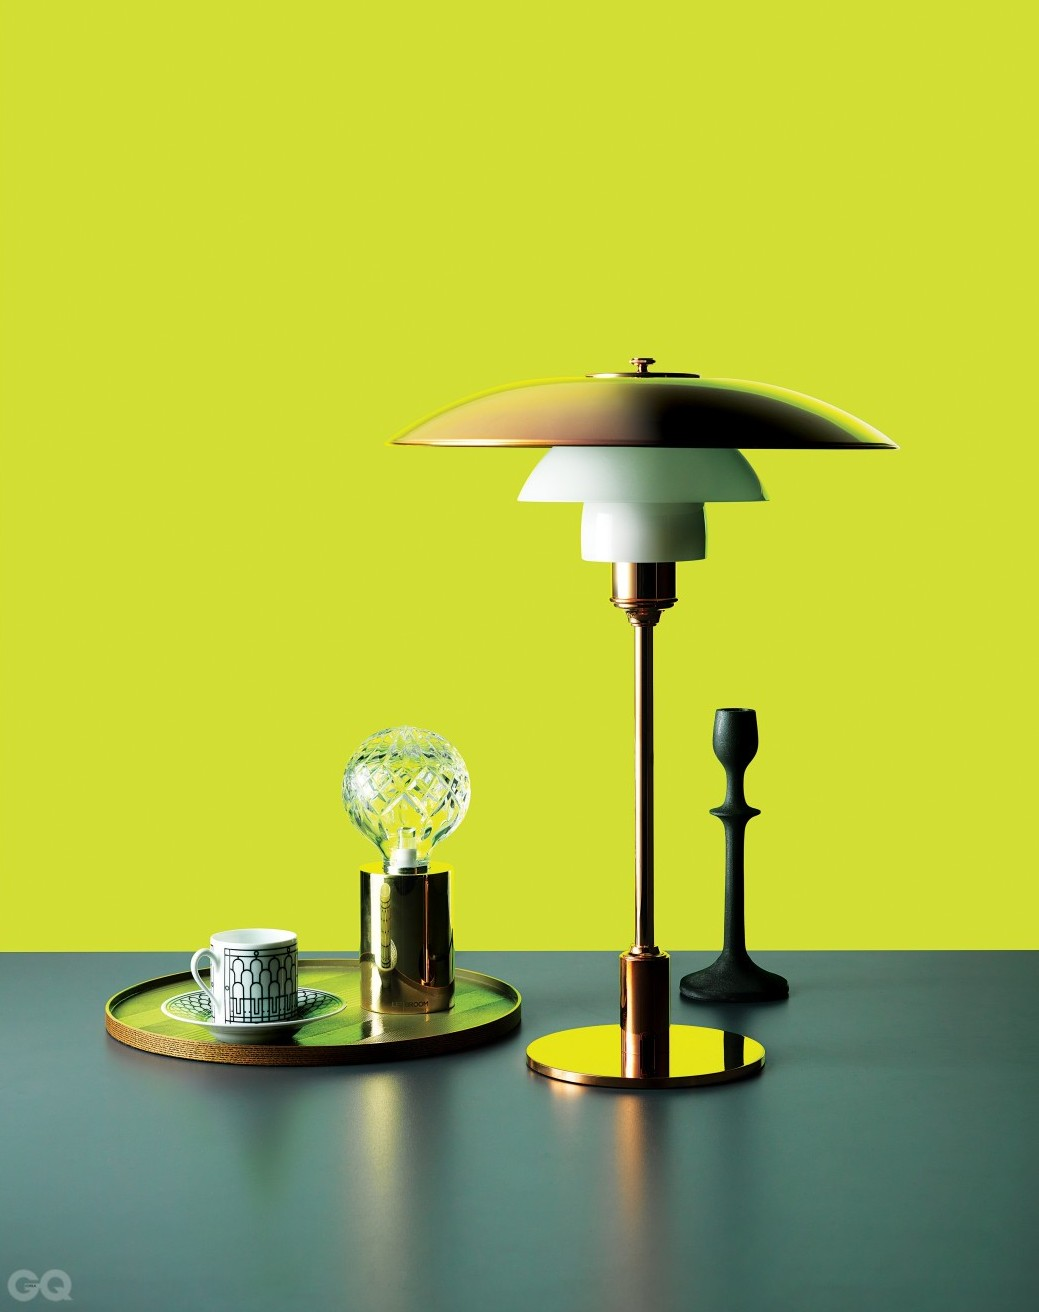 덴마크 디자이너 폴 헤닝센이 1920년대에 발표한 조명 시리즈 중 ...